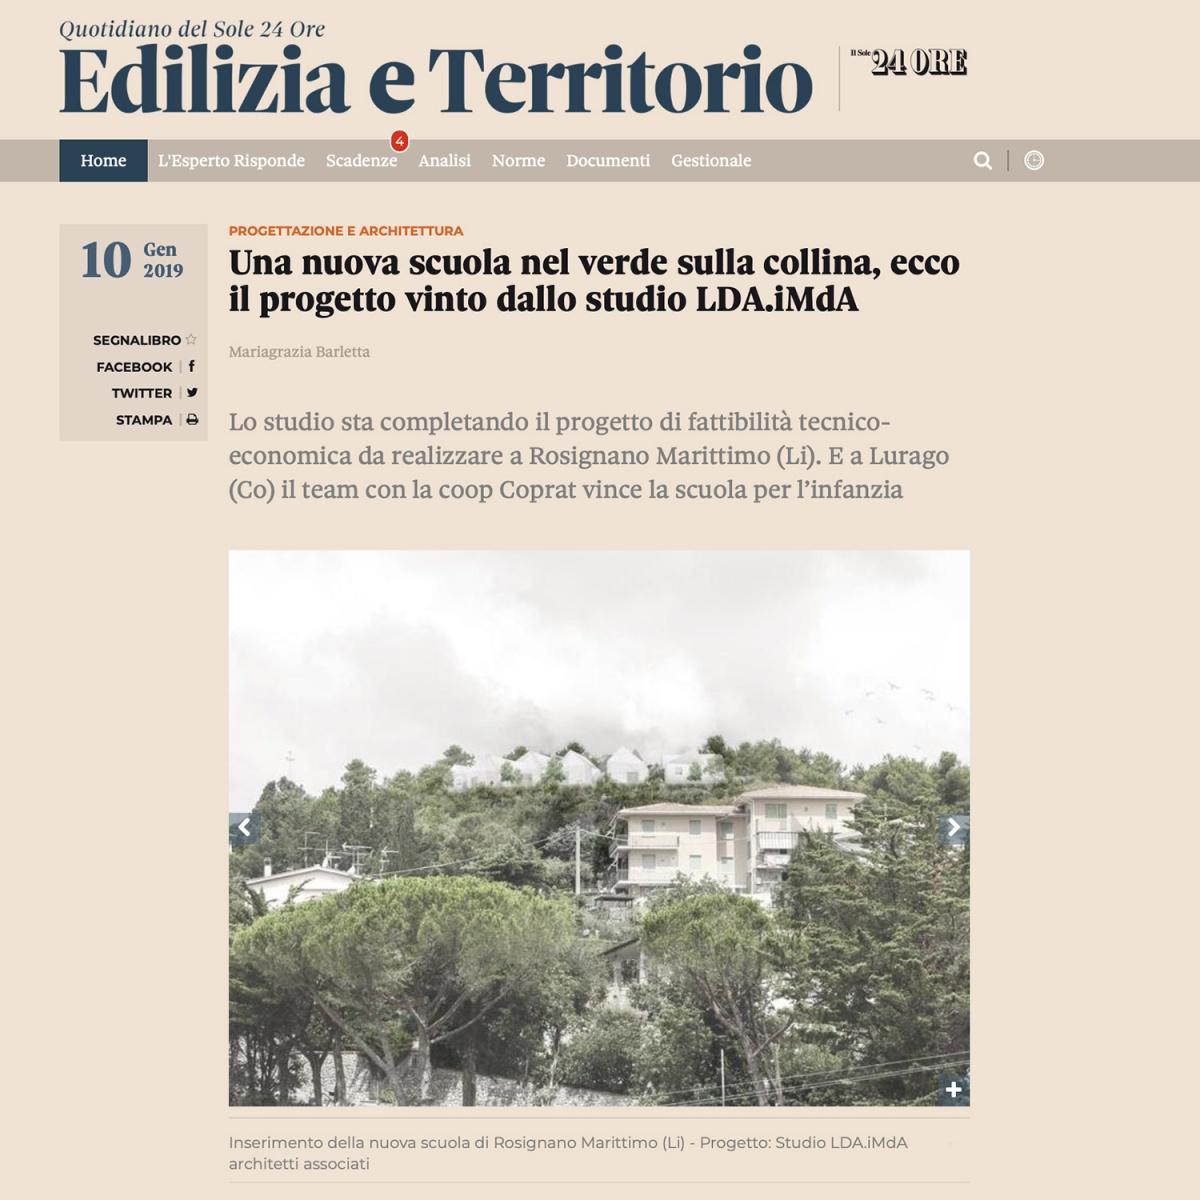 concorso polo scolastico scuola rosignano livorno vinvitore concorso ldaimda pubblicato su sole 24ore edilizia e territorio